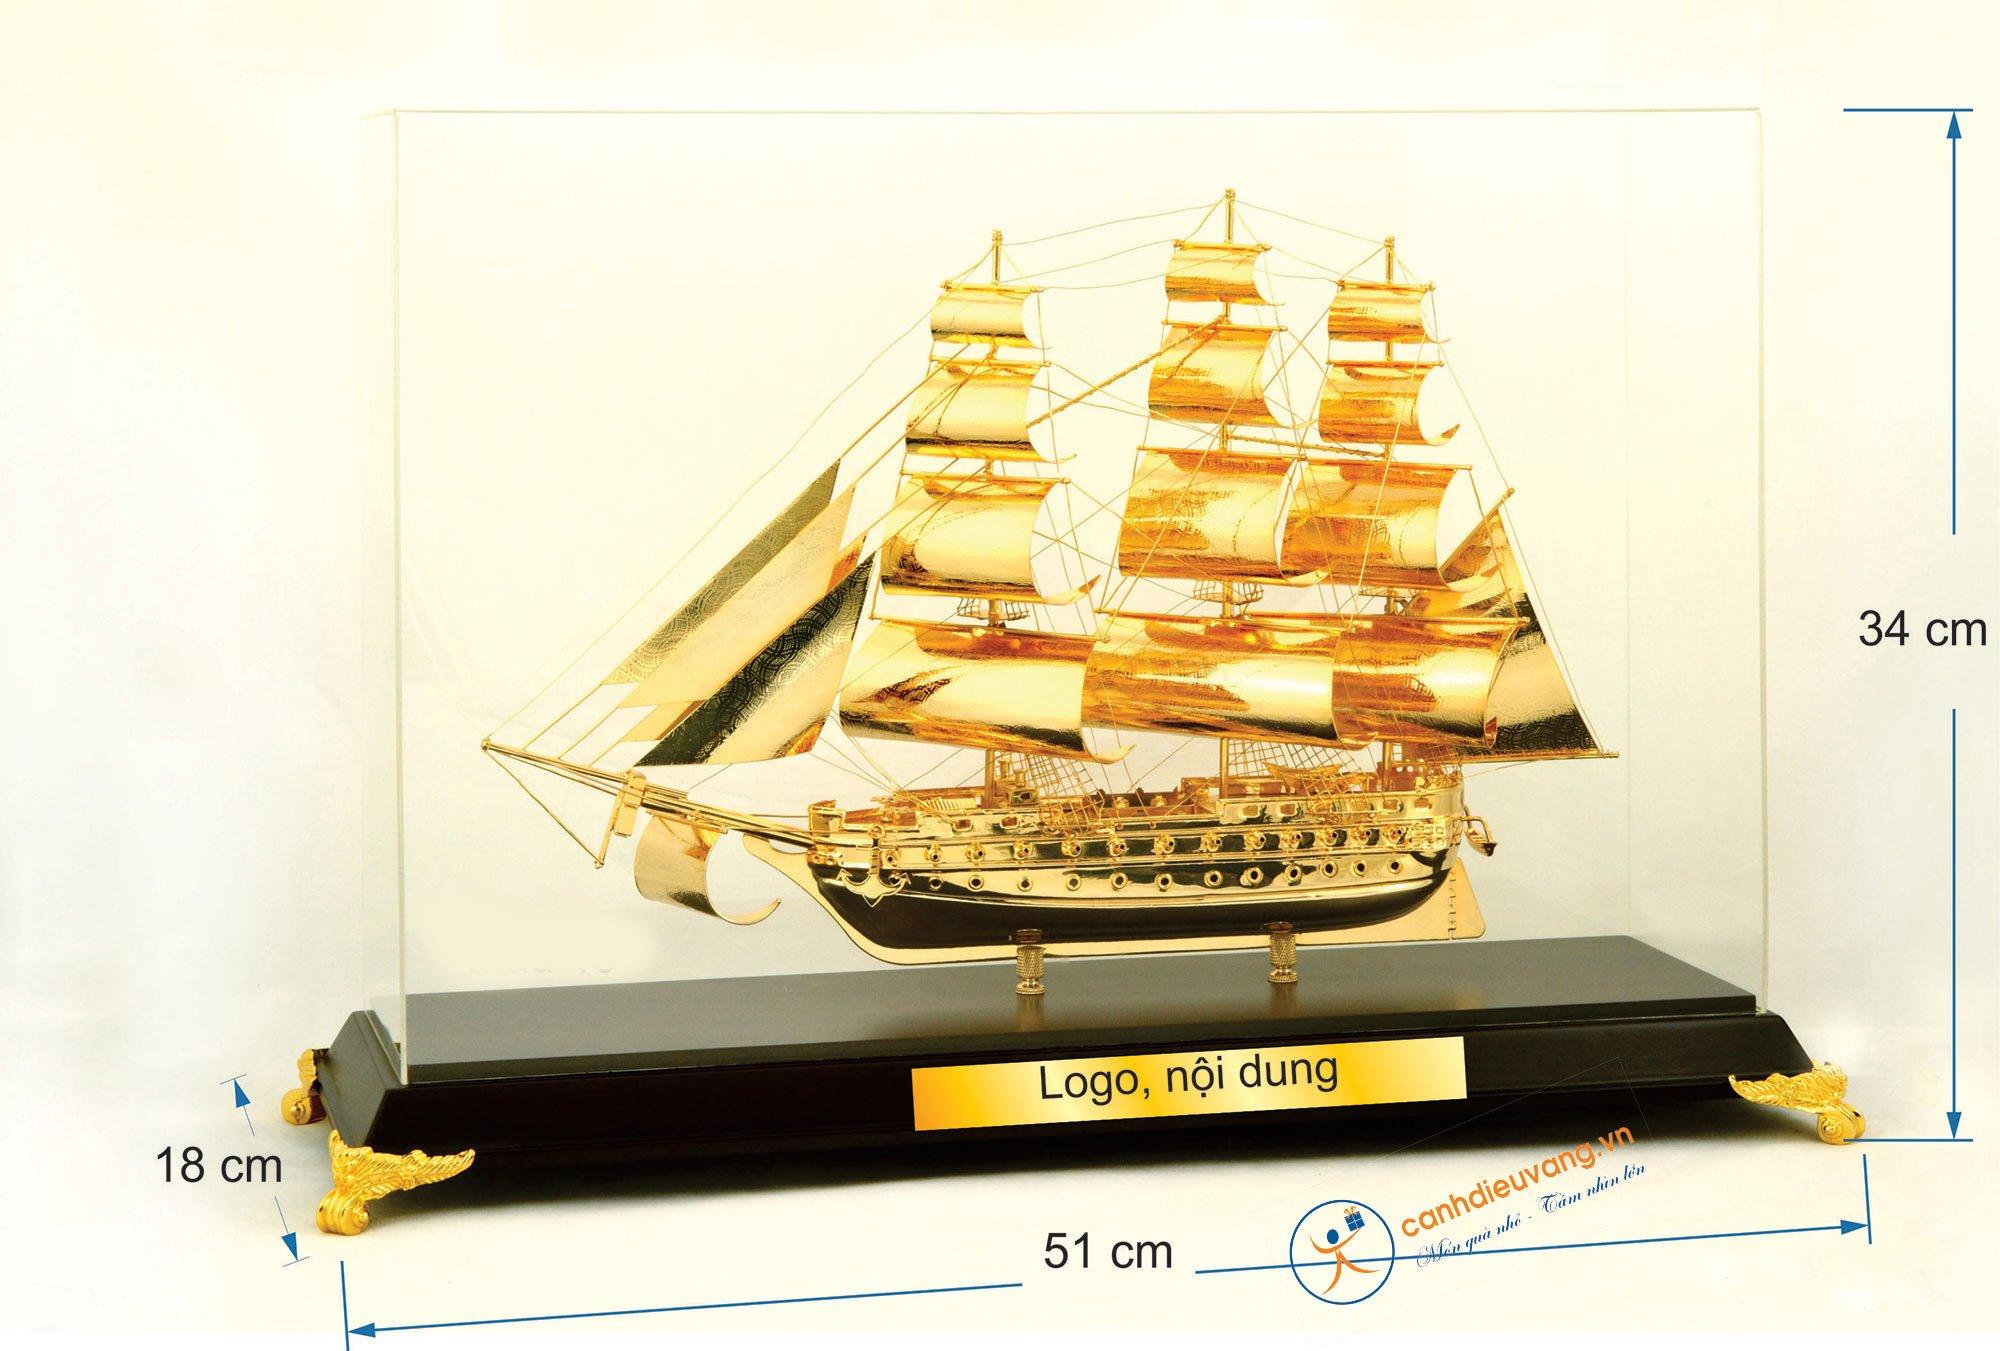 Thuyền buồm mạ vàng cỡ đại 46